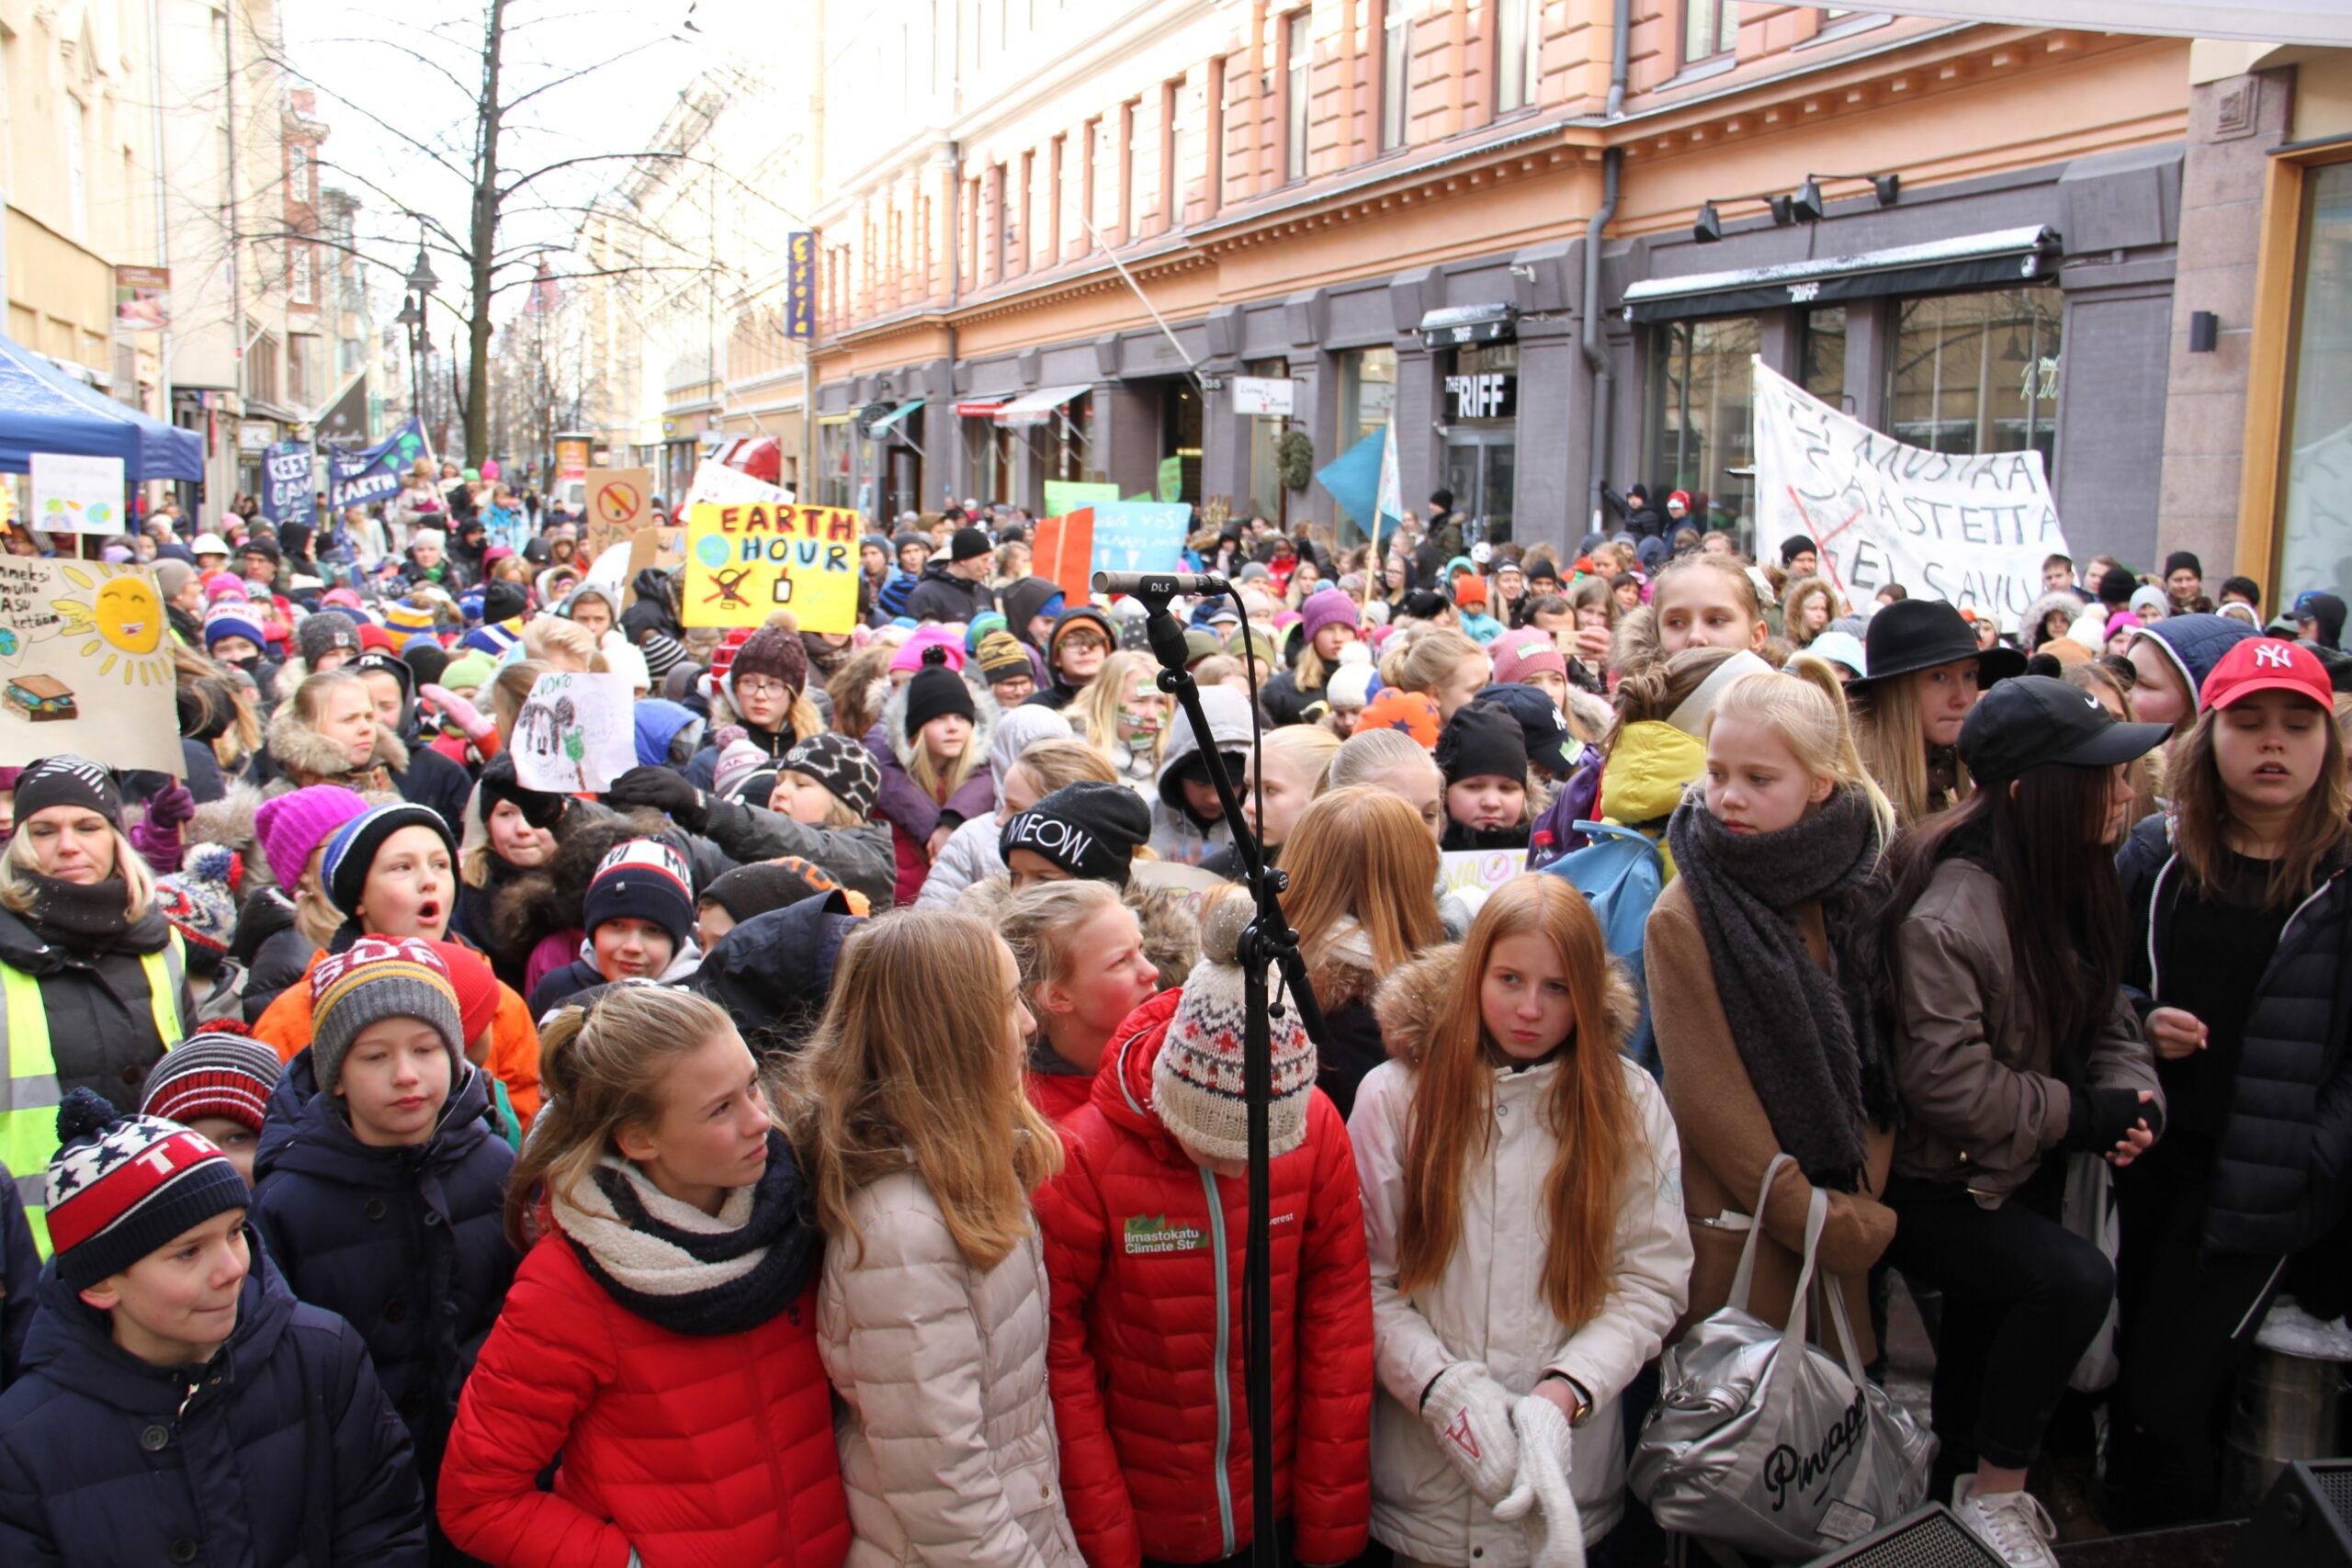 WWF, Helsingin opetusvirasto, Ilmastokatu ja helsinkiläiset koulut juhlistivat vuoden 2016 Earth Hour -tapahtumaa Iso-roobertin kadulla. Paikalla oli 1500 oppilasta ja opettajaa. Kuva: Paula Kallio /WWF